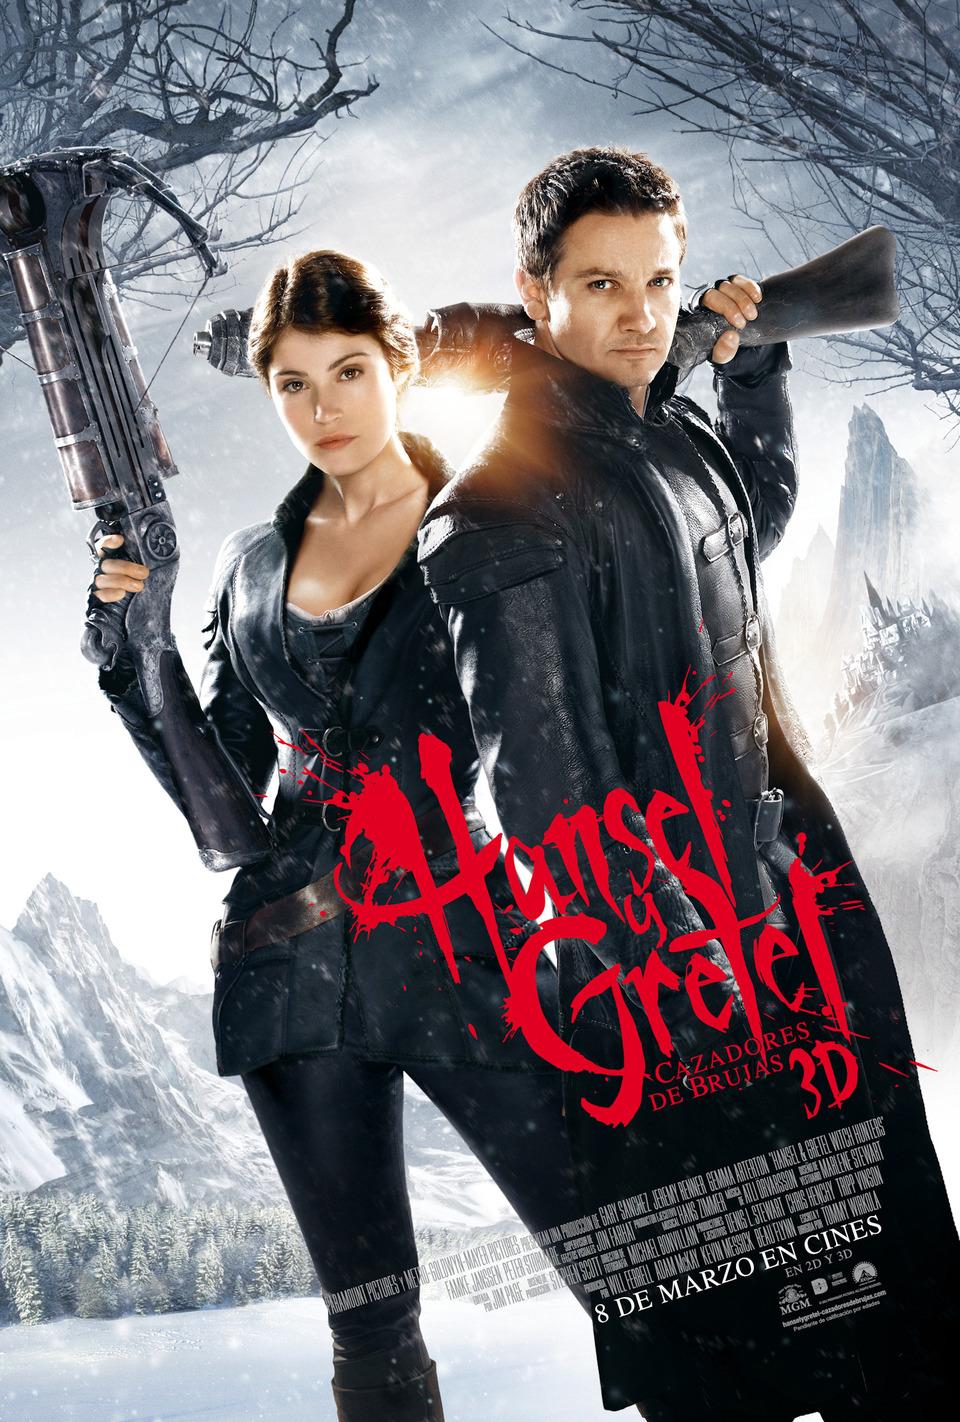 Hansel & Gretel: Cazadores de brujas (2013)